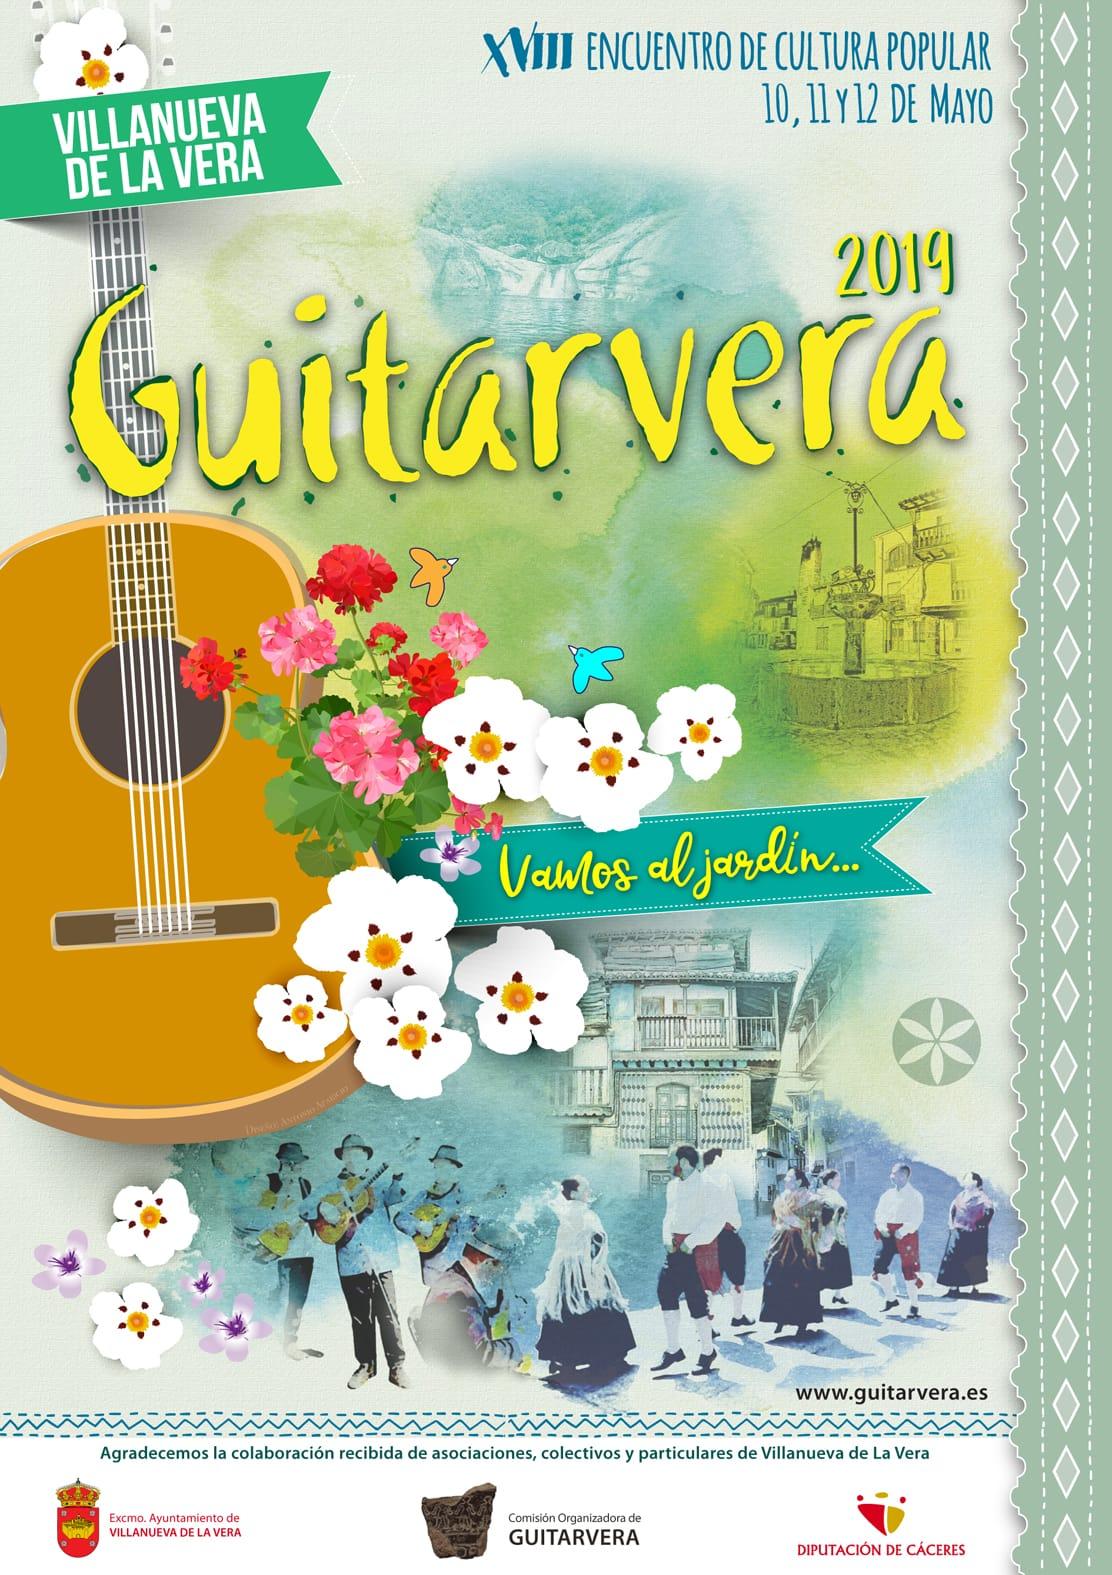 Guitarvera 2019 - Villanueva de la Vera (Cáceres)